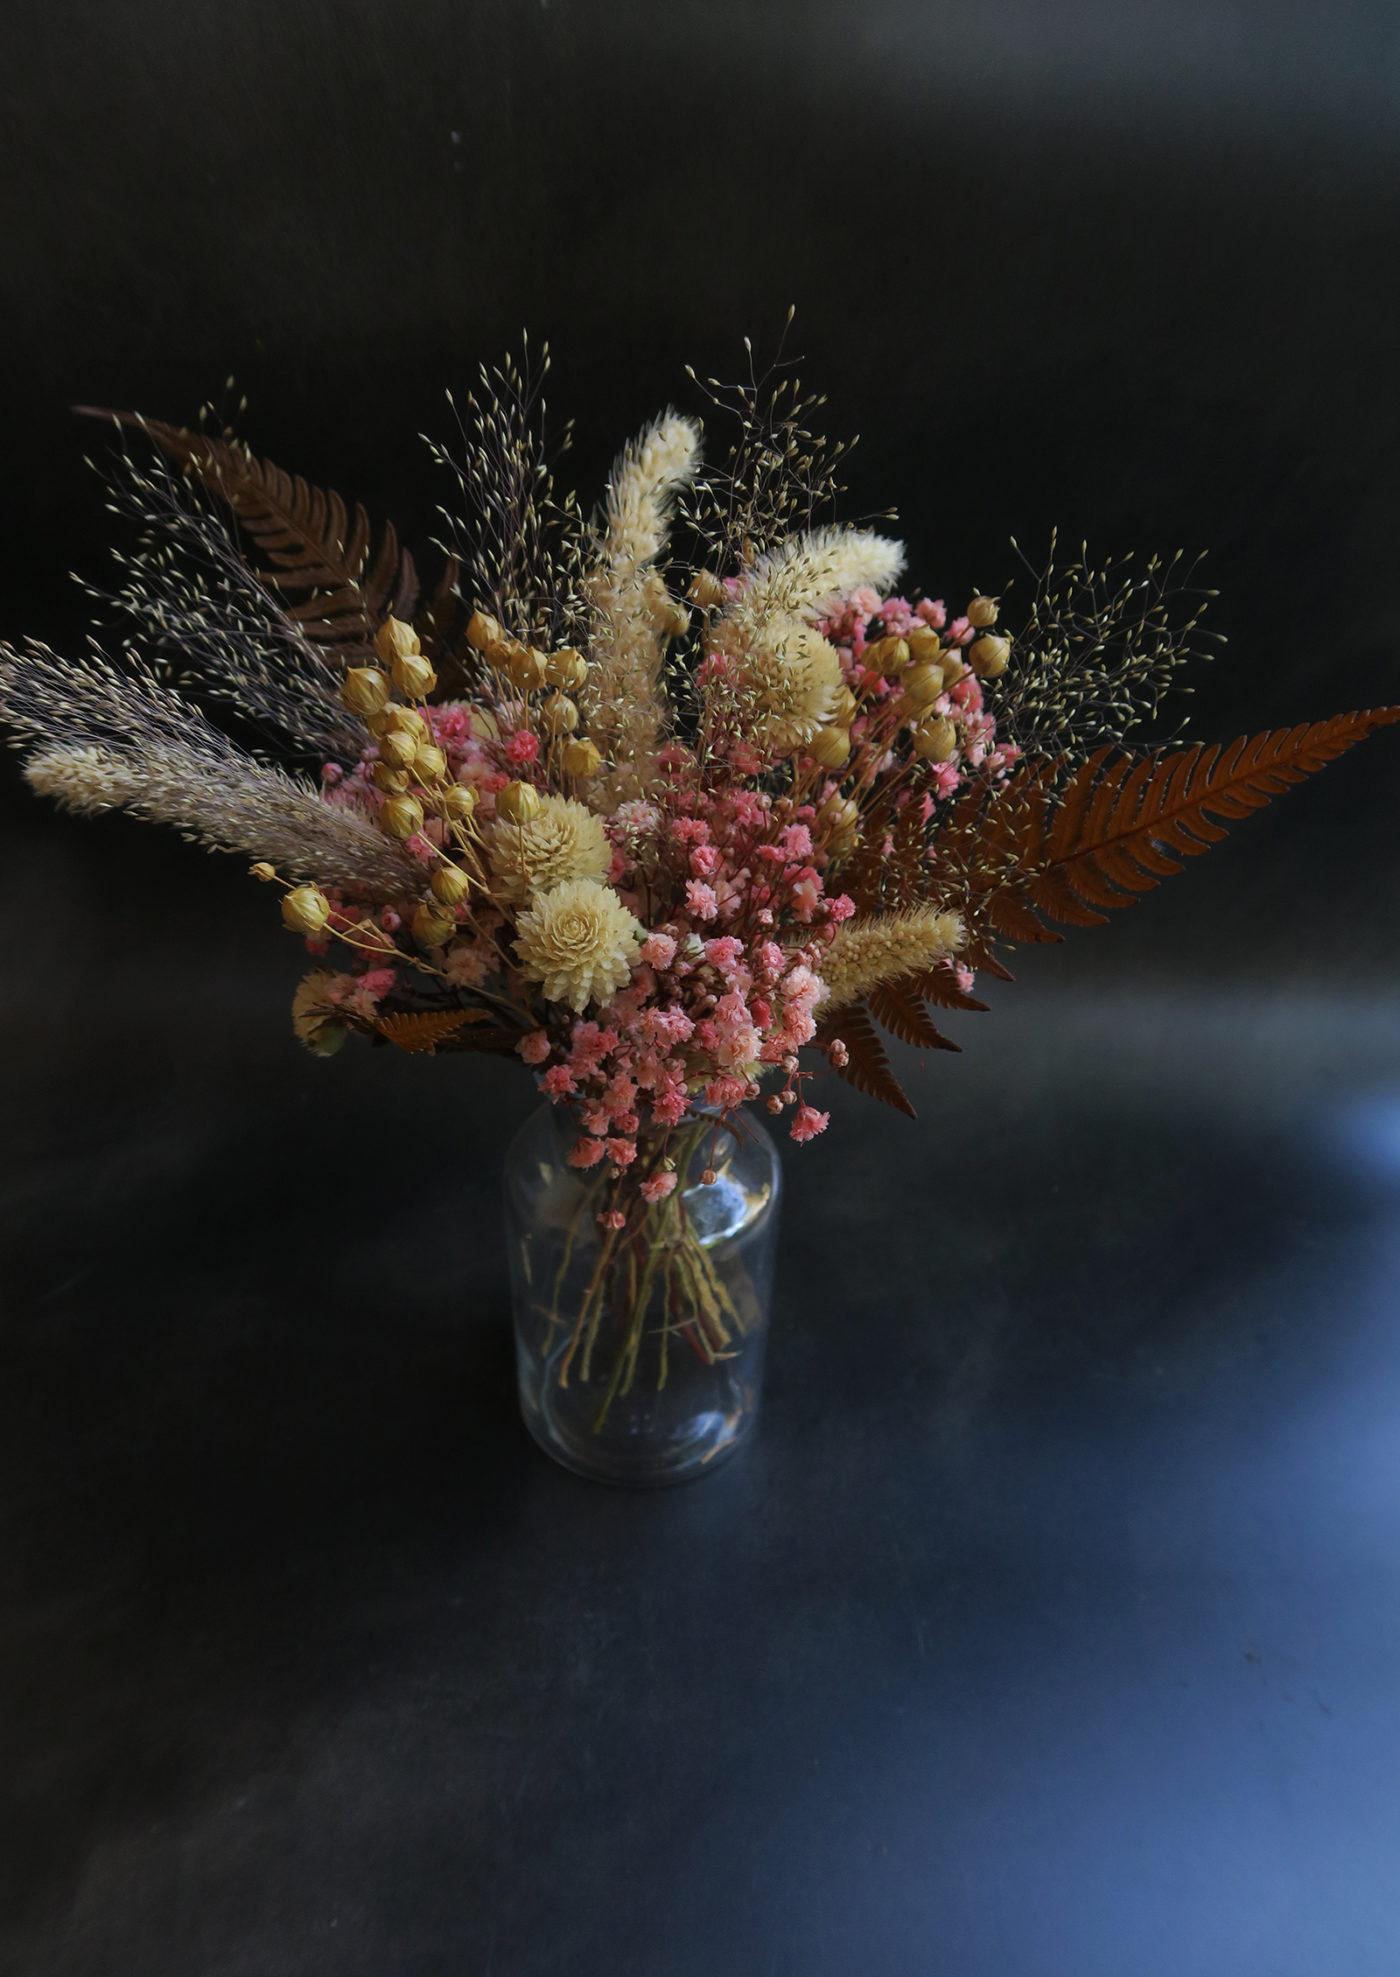 bouquet de fleurs séchées gypsophile rose décoration idée cadeau femme toulouse fleuriste tendance 2021 fougère